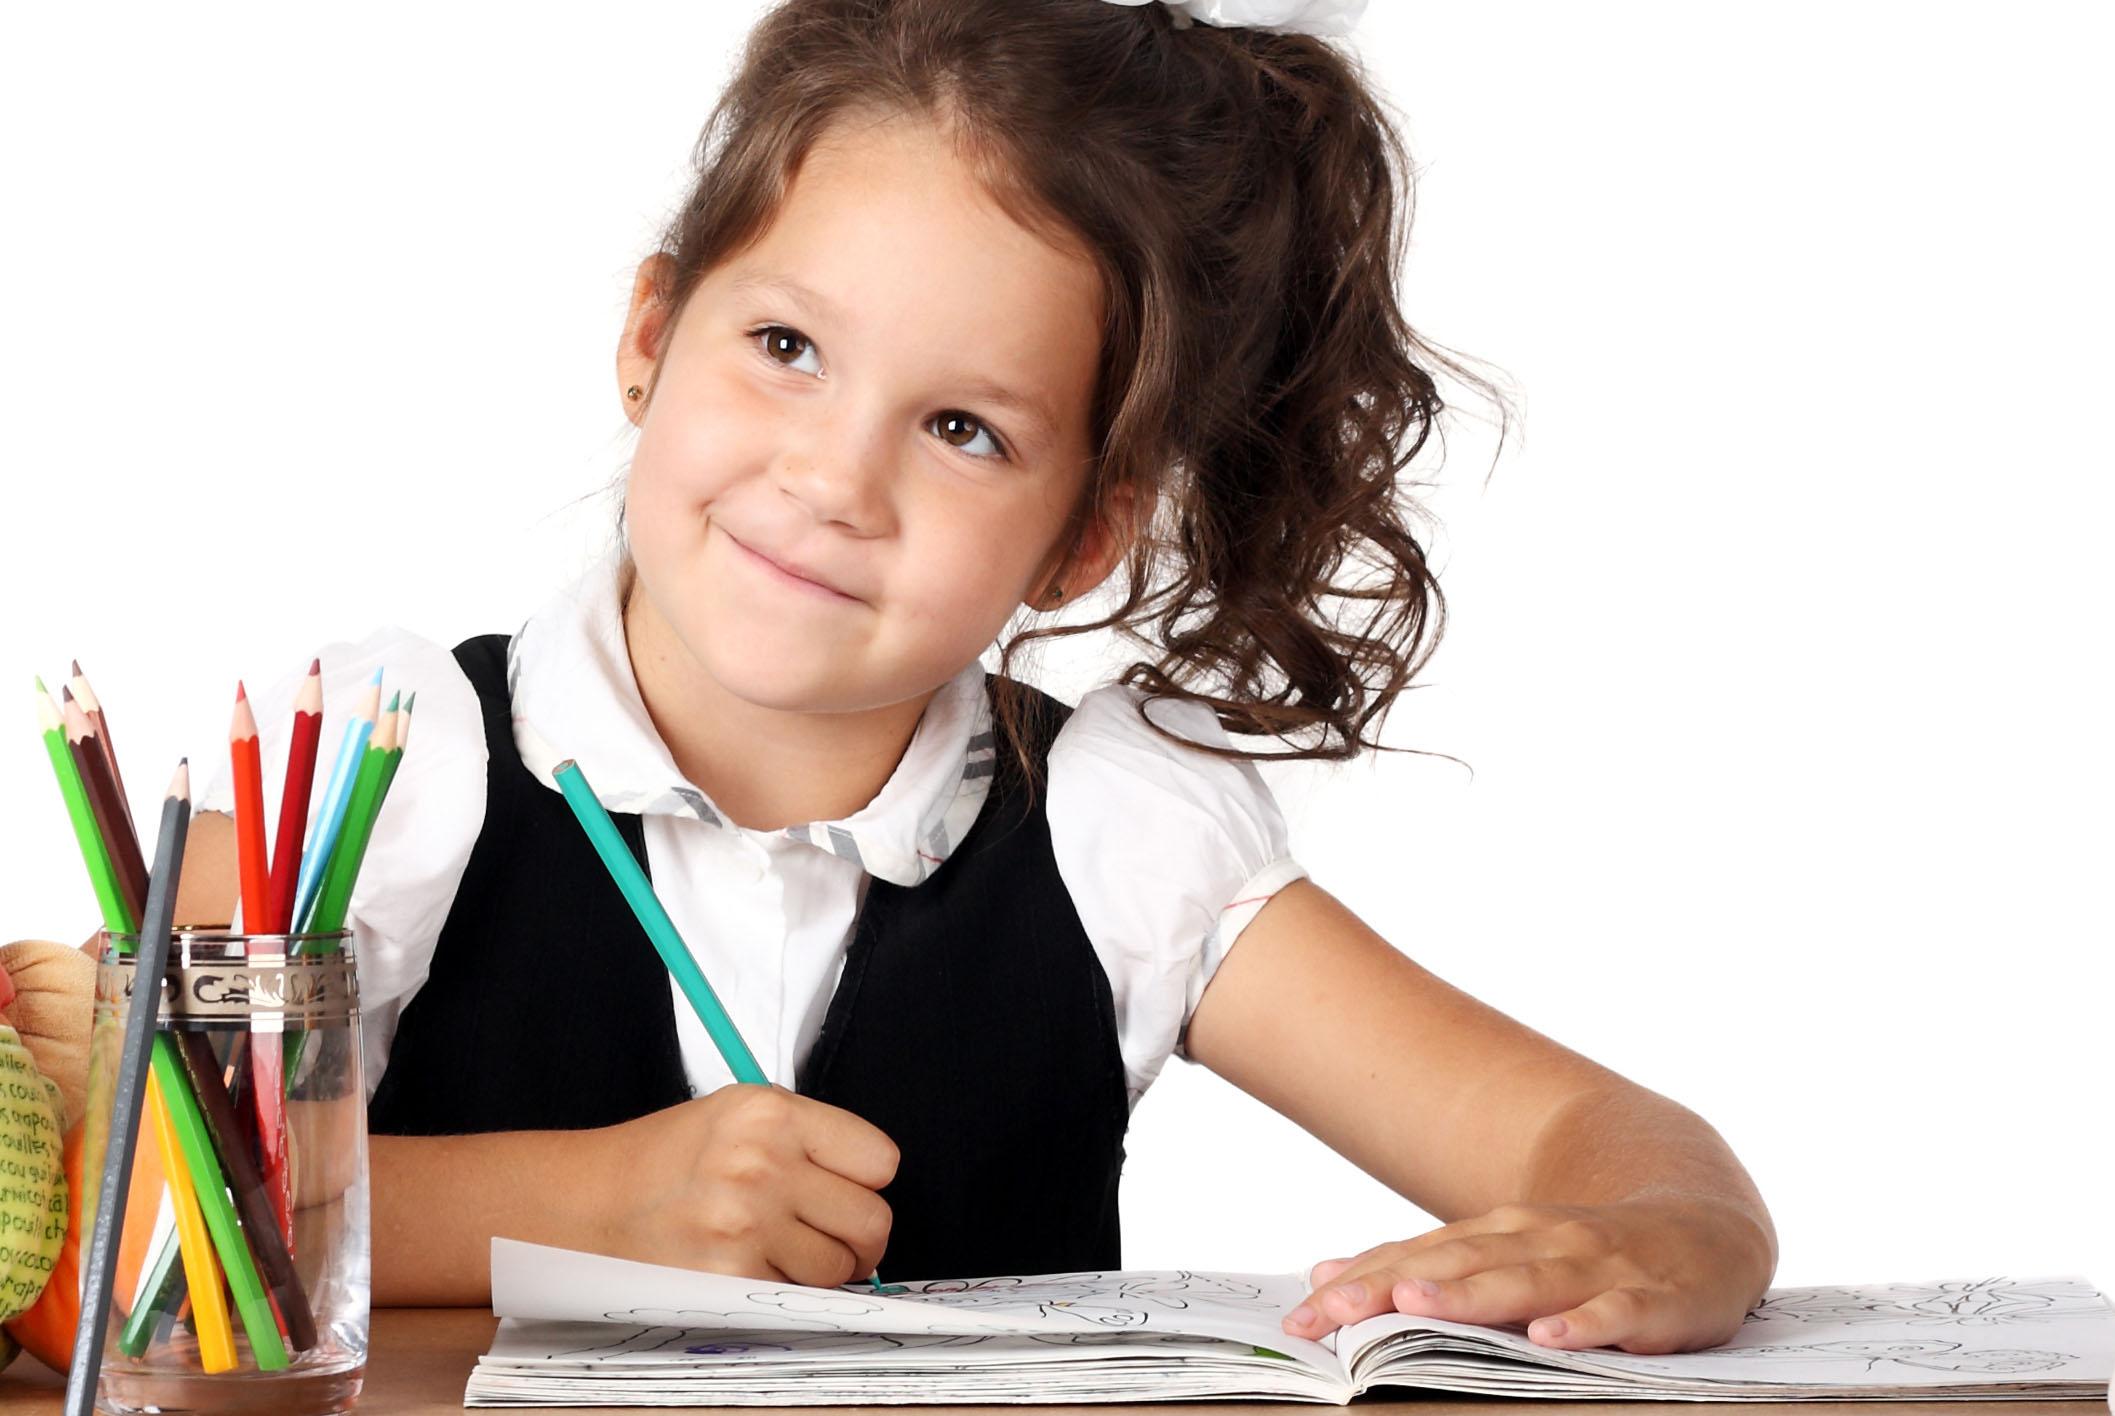 Özel Dersin Okul ve Sınav Başarısındaki Etkisi